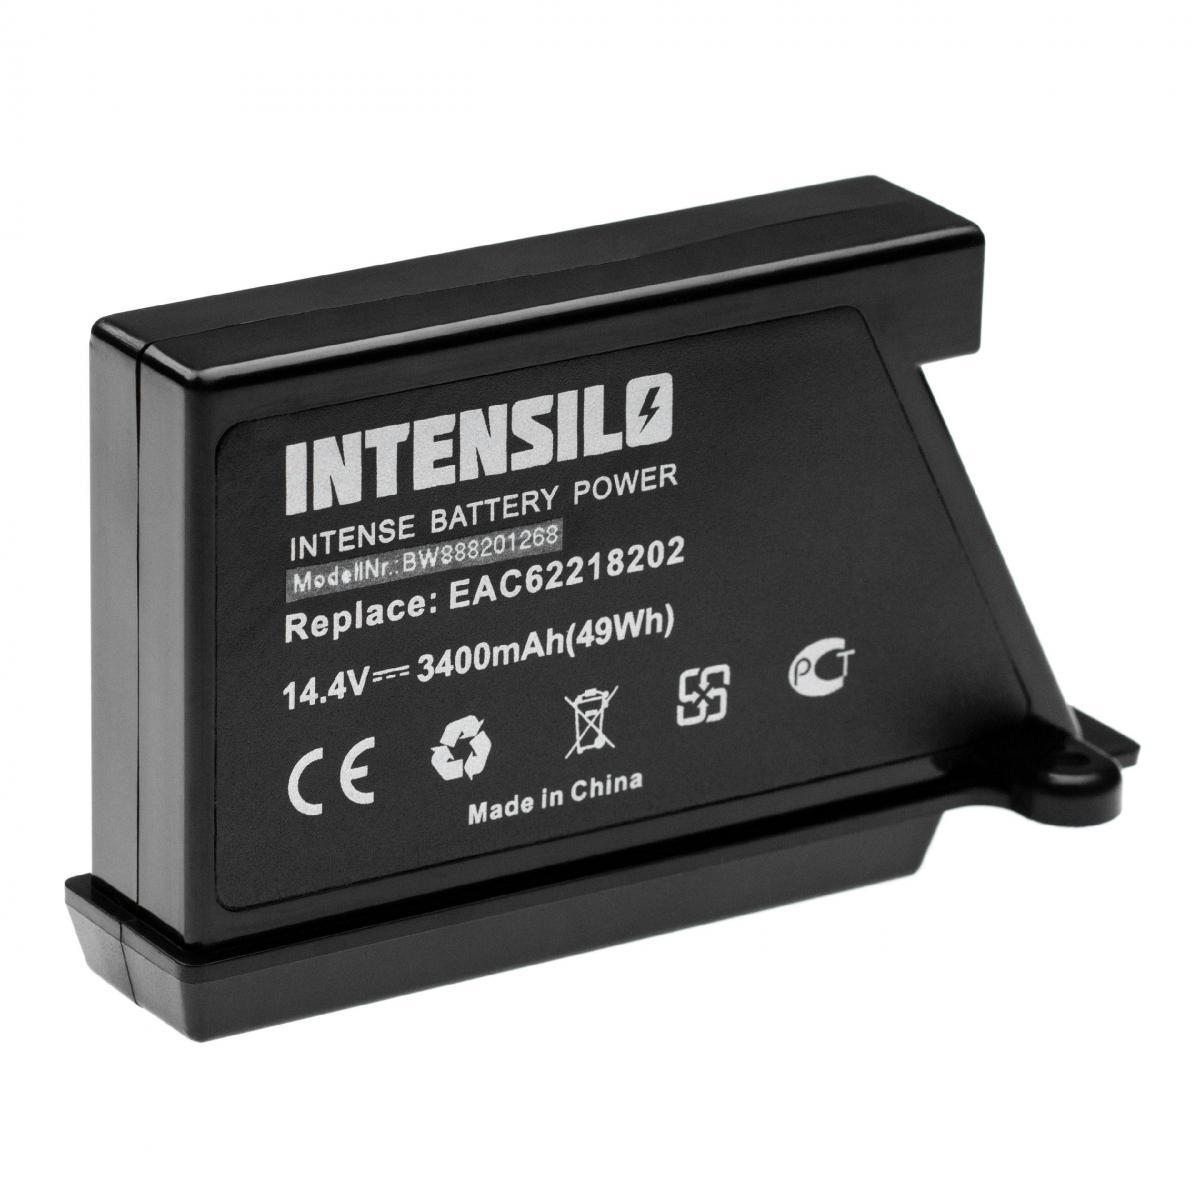 Vhbw INTENSILO Batterie compatible avec LG HOM-BOT VR64702LVMT, VR64703, VR64703LVM robot électroménager (3400mAh, 14,4V, Li-